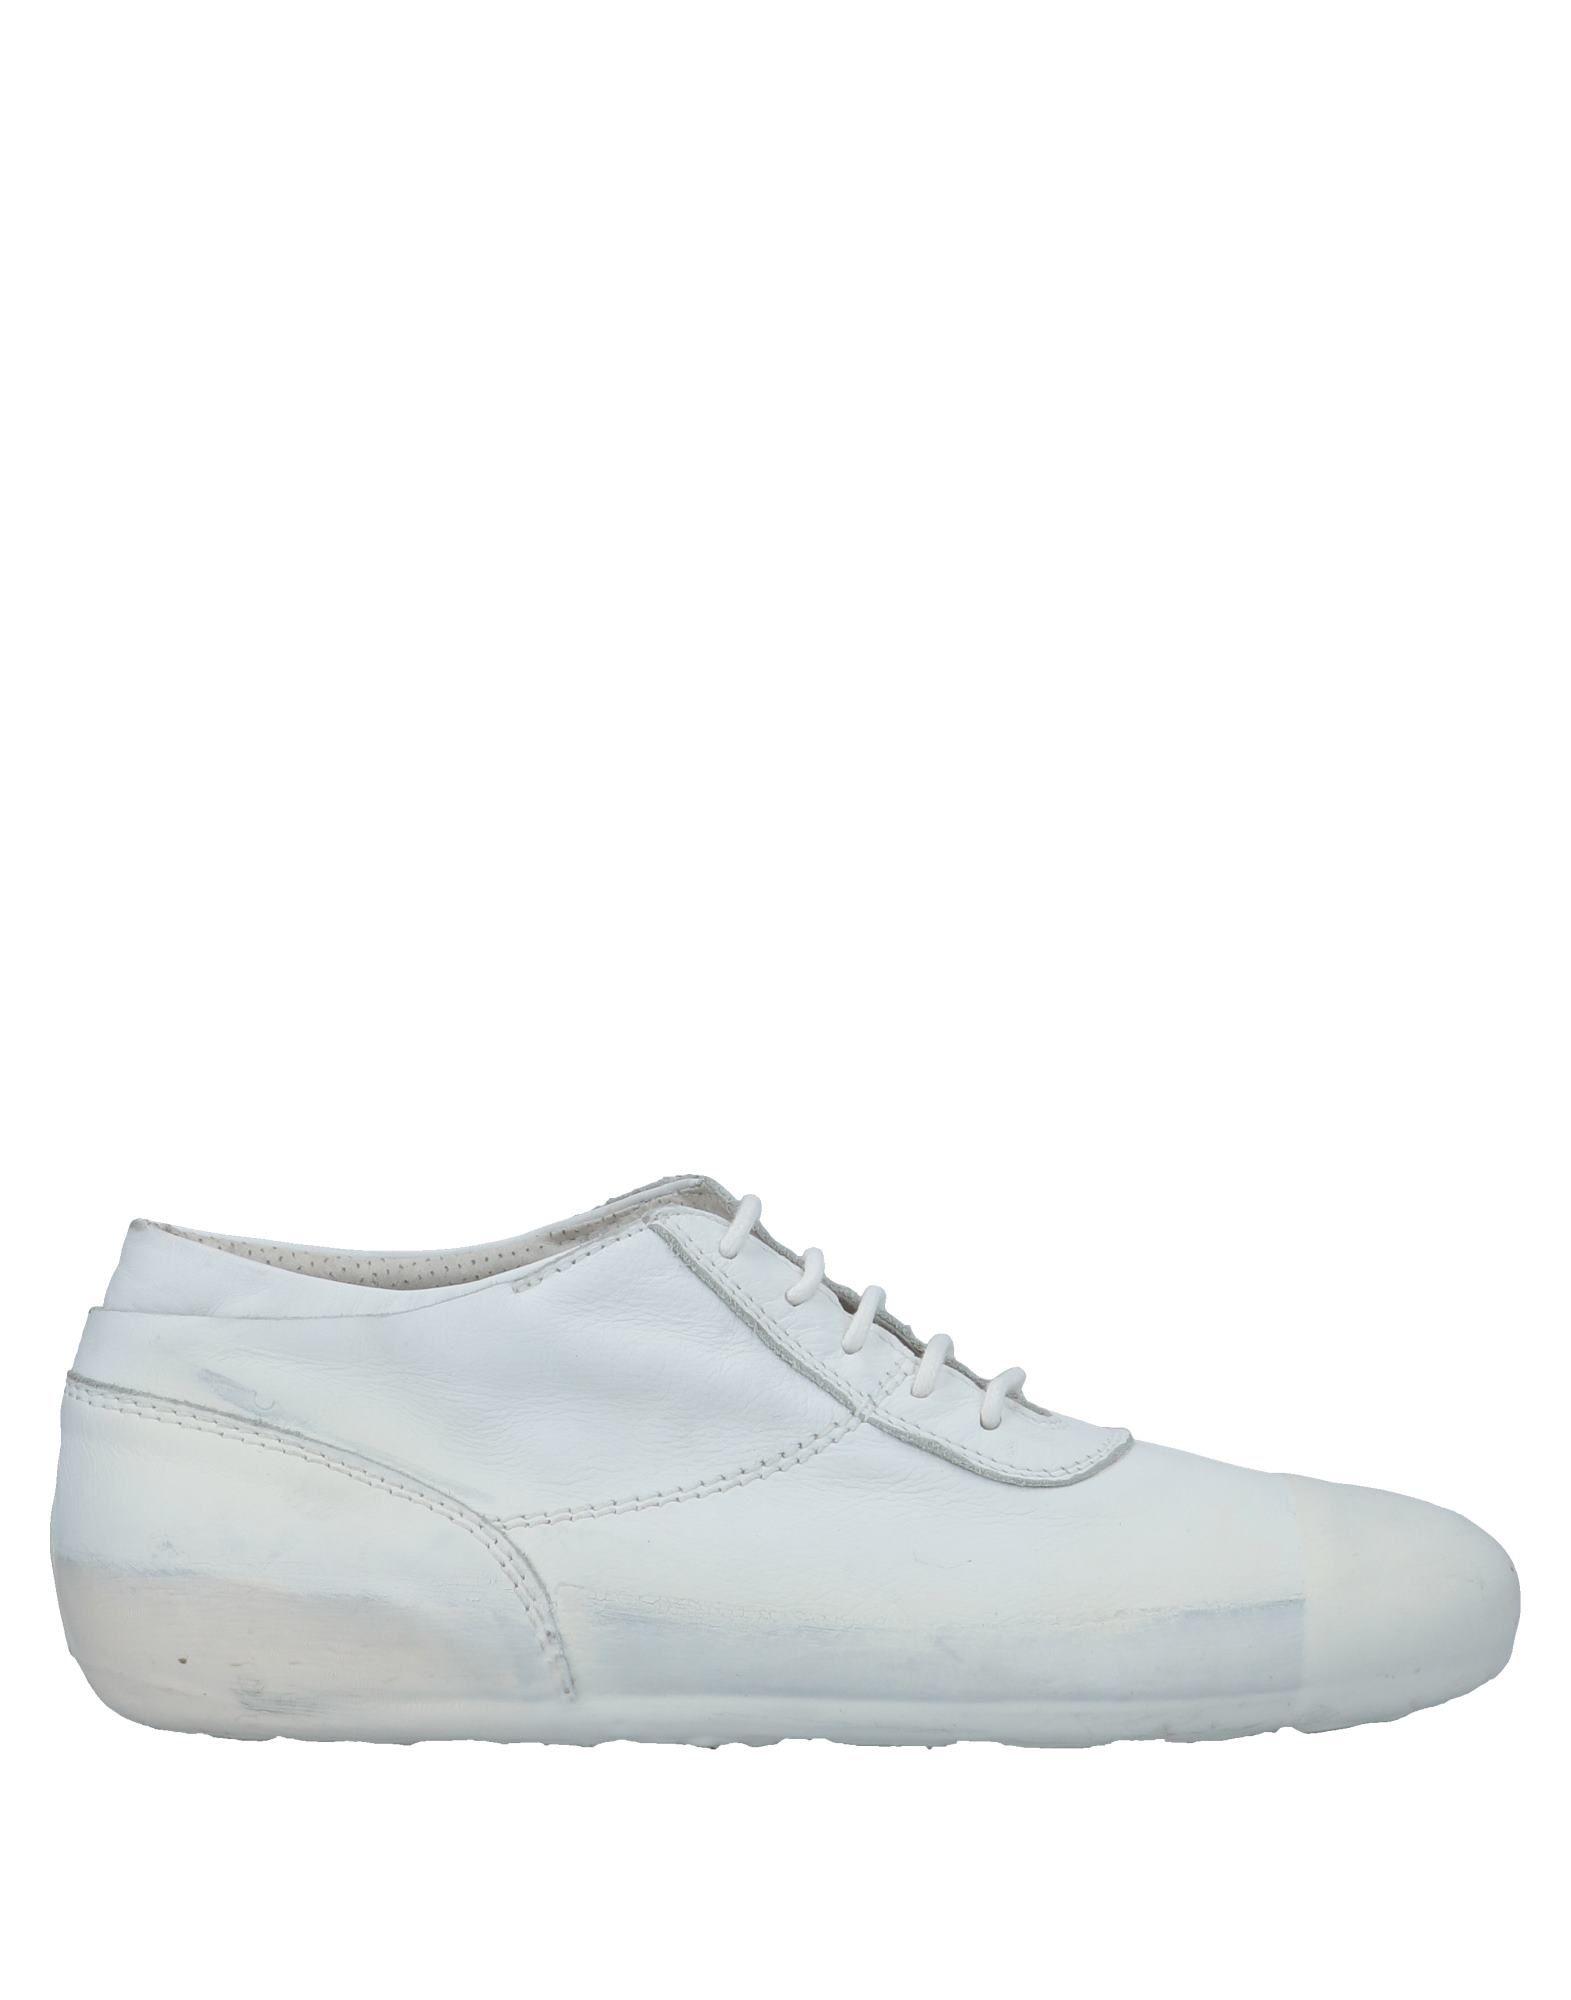 《送料無料》O.X.S. RUBBER SOUL メンズ スニーカー&テニスシューズ(ローカット) ホワイト 42 革